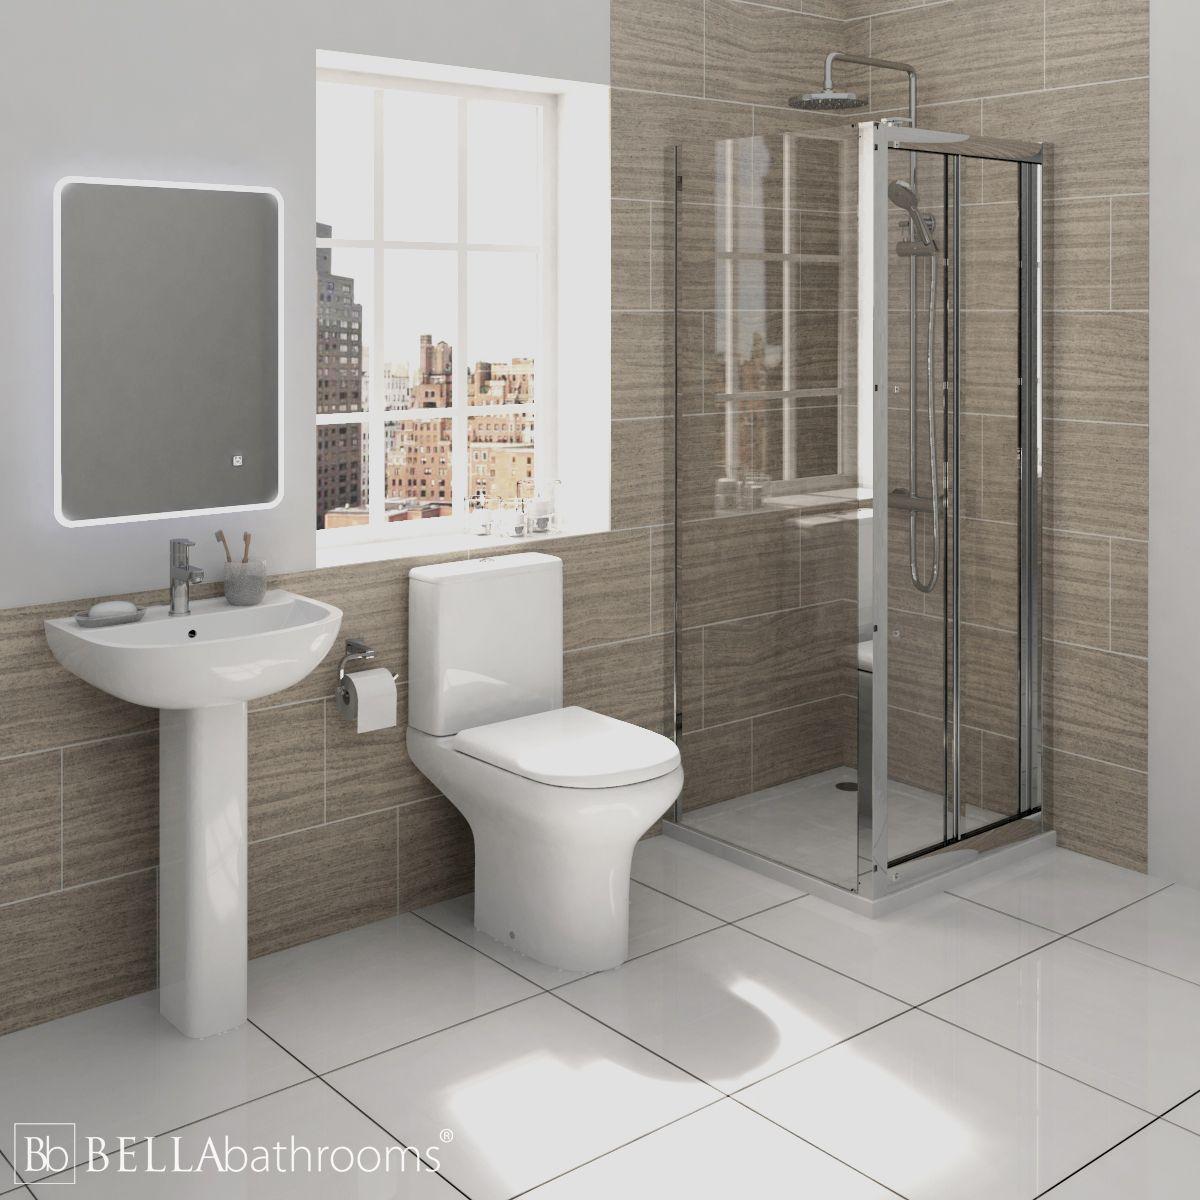 RAK Compact Shower Suite with Pacific Bi-Fold Door Shower Enclosure